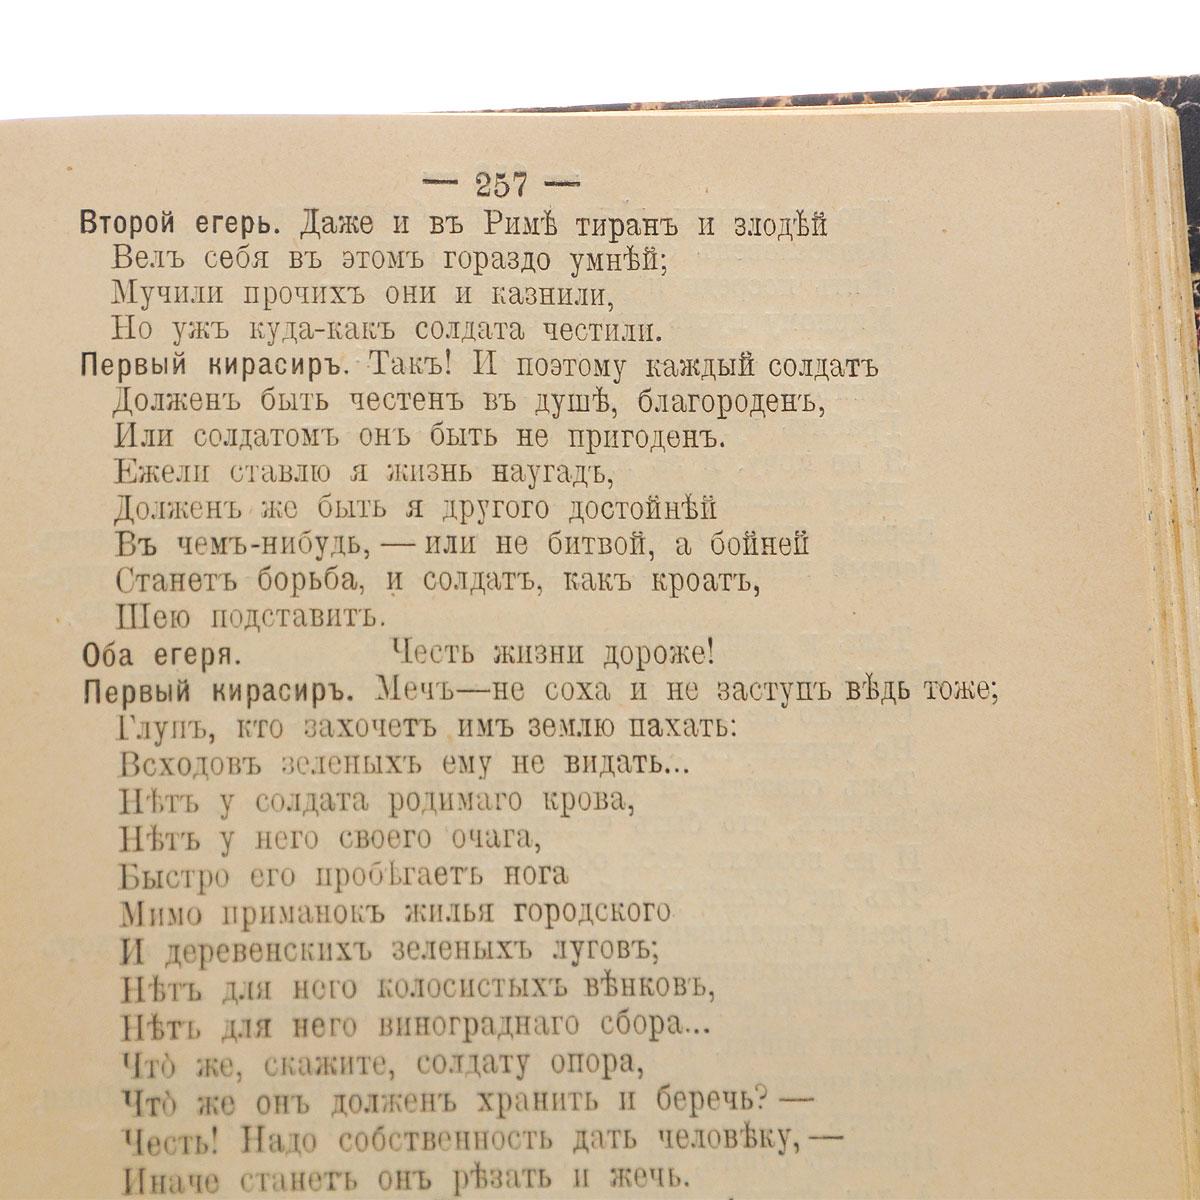 Л. А. Мей. Полное собрание сочинений Л. А. Мея. В 2 томах (комплект из 2 книг)